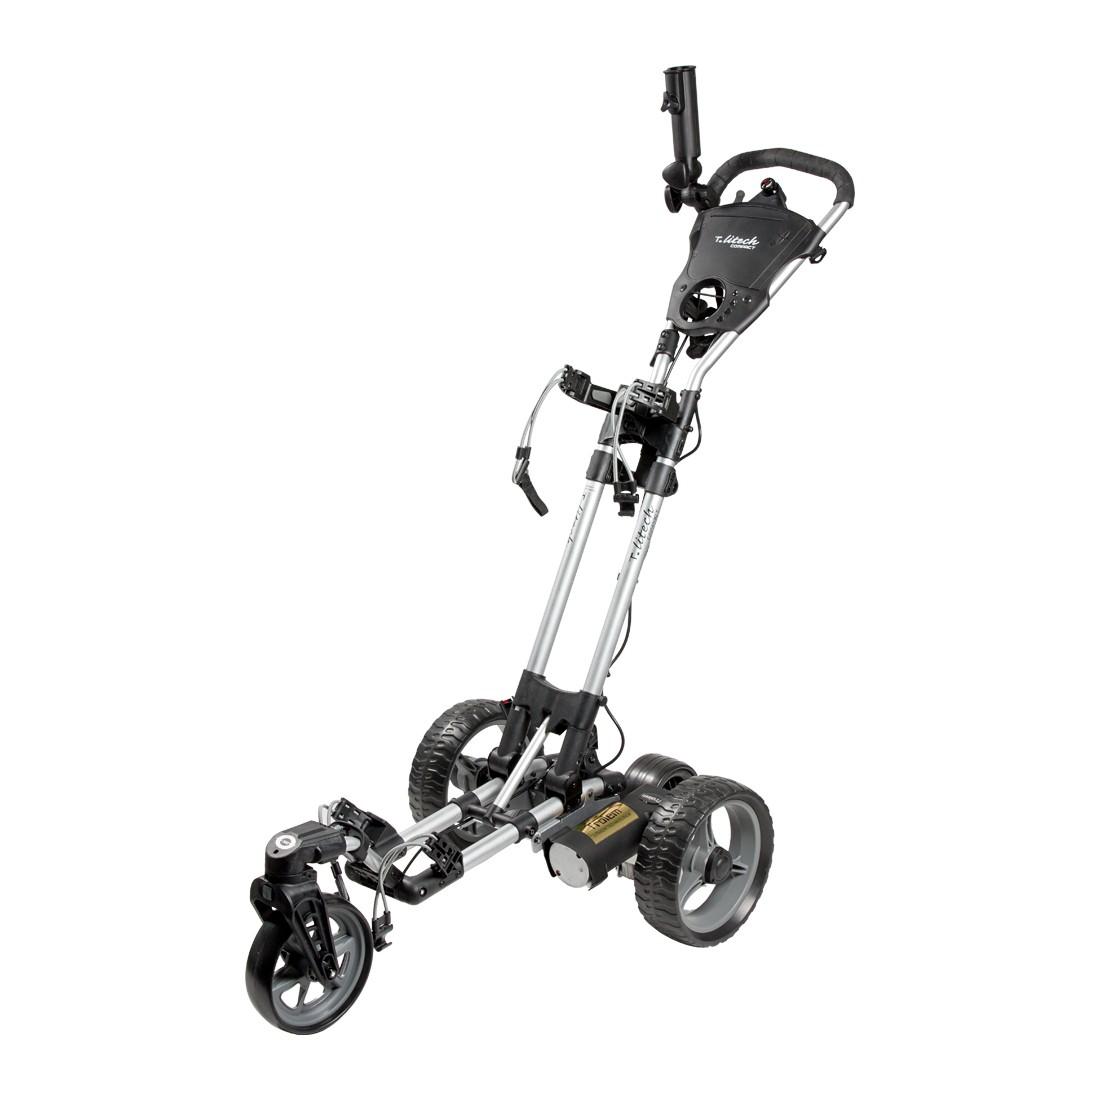 Chariot de golf : comment savoir si le chariot de golf choisi représente un bon investissement pour le consommateur ?